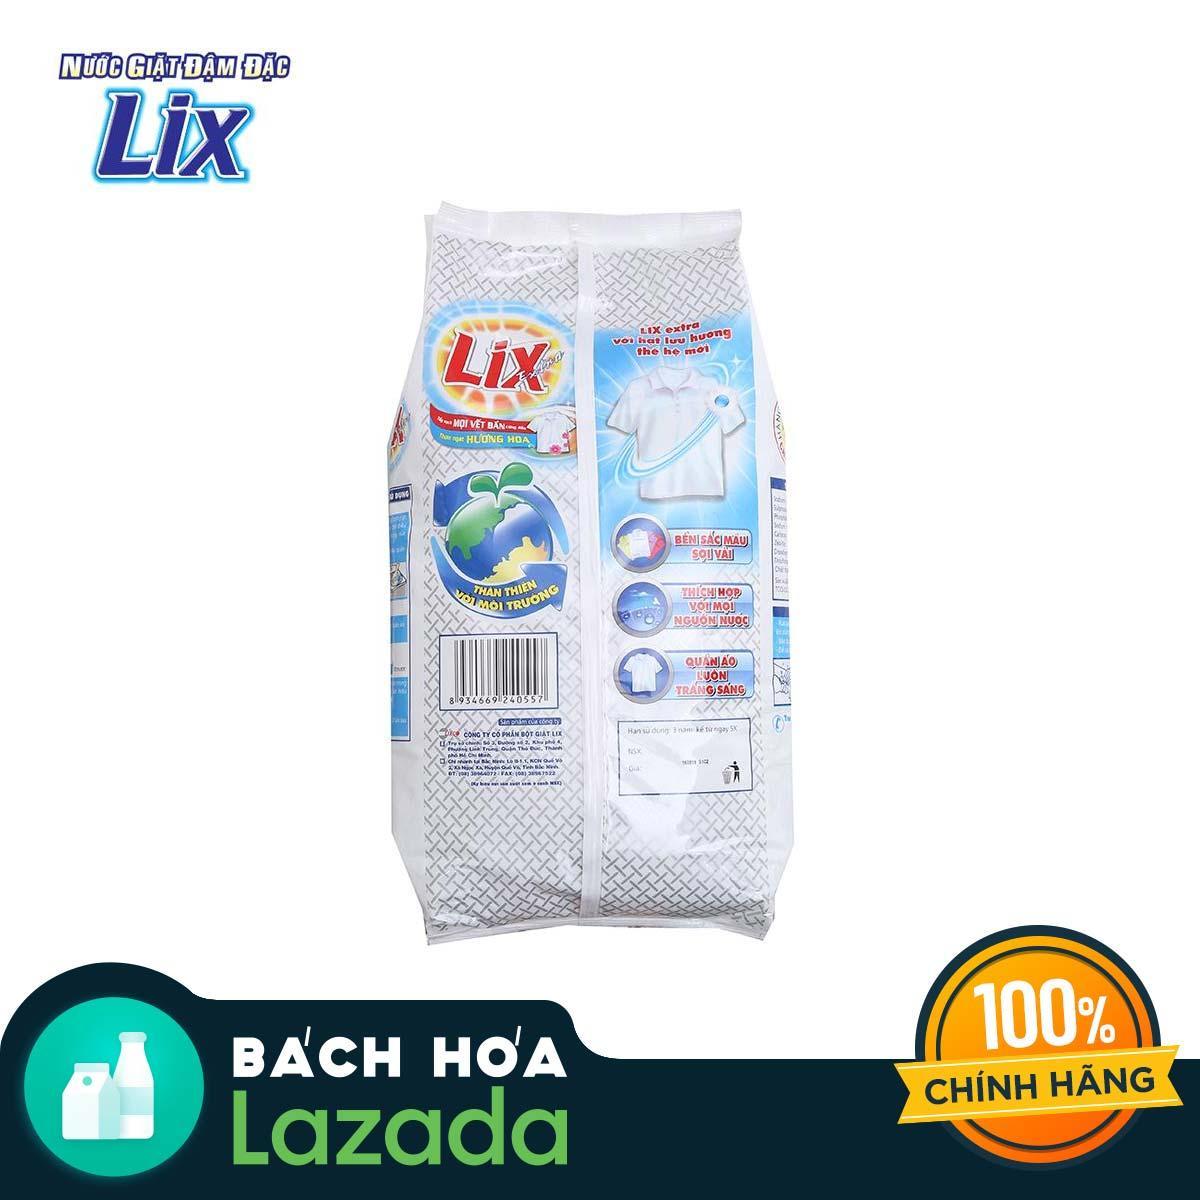 Mã Khuyến Mãi tại Lazada cho Bột Giặt Lix Extra Đậm Đặc 6kg